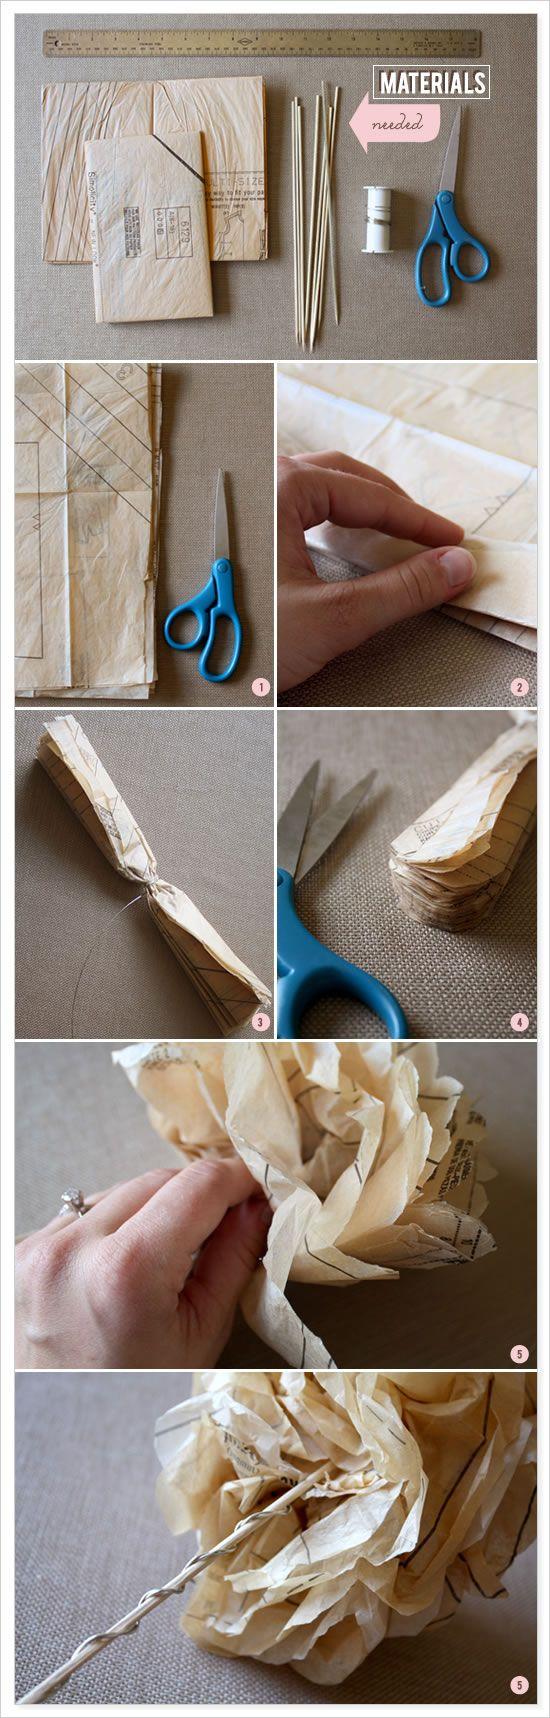 #DIY Sewing Pattern flowers #vintage #wedding #bride #craft #upcycle